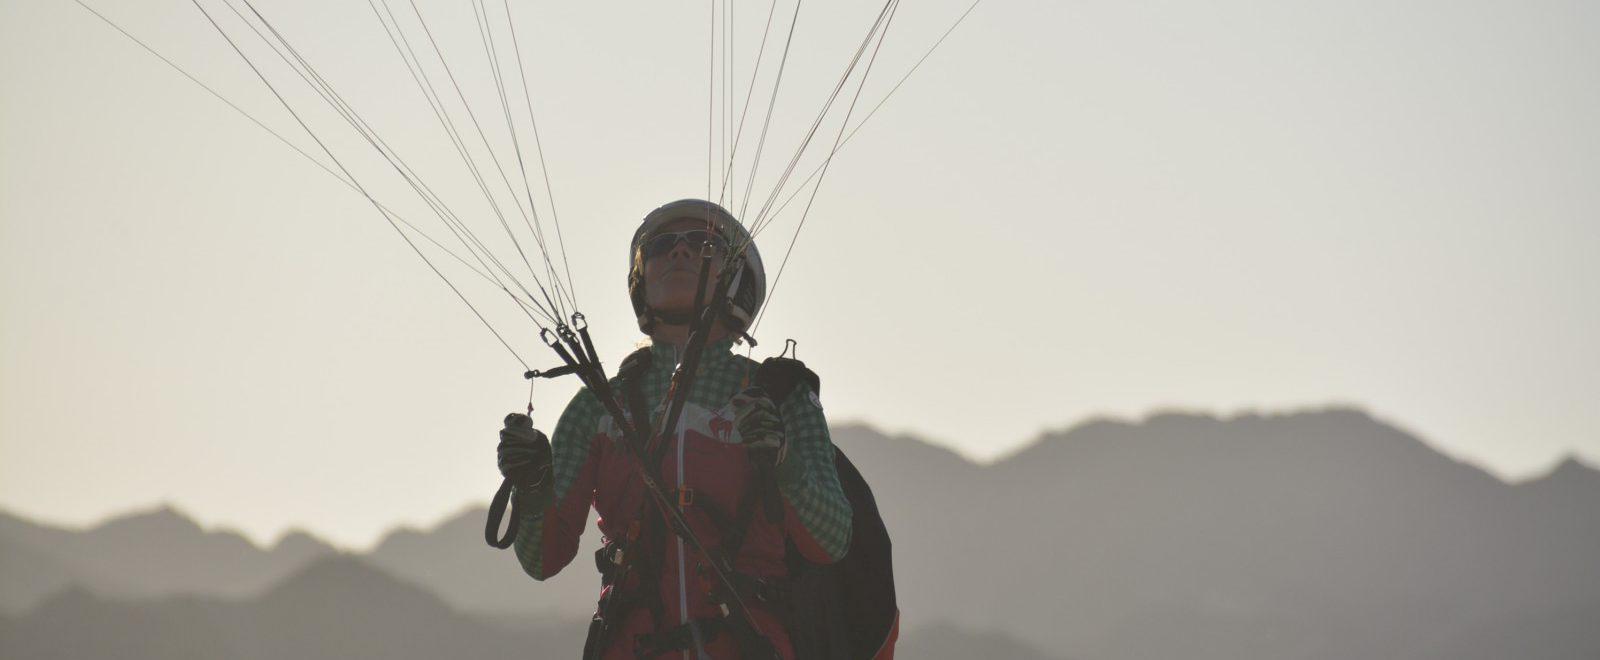 Angelika Hampe Tandem Paragliding Lake Garda